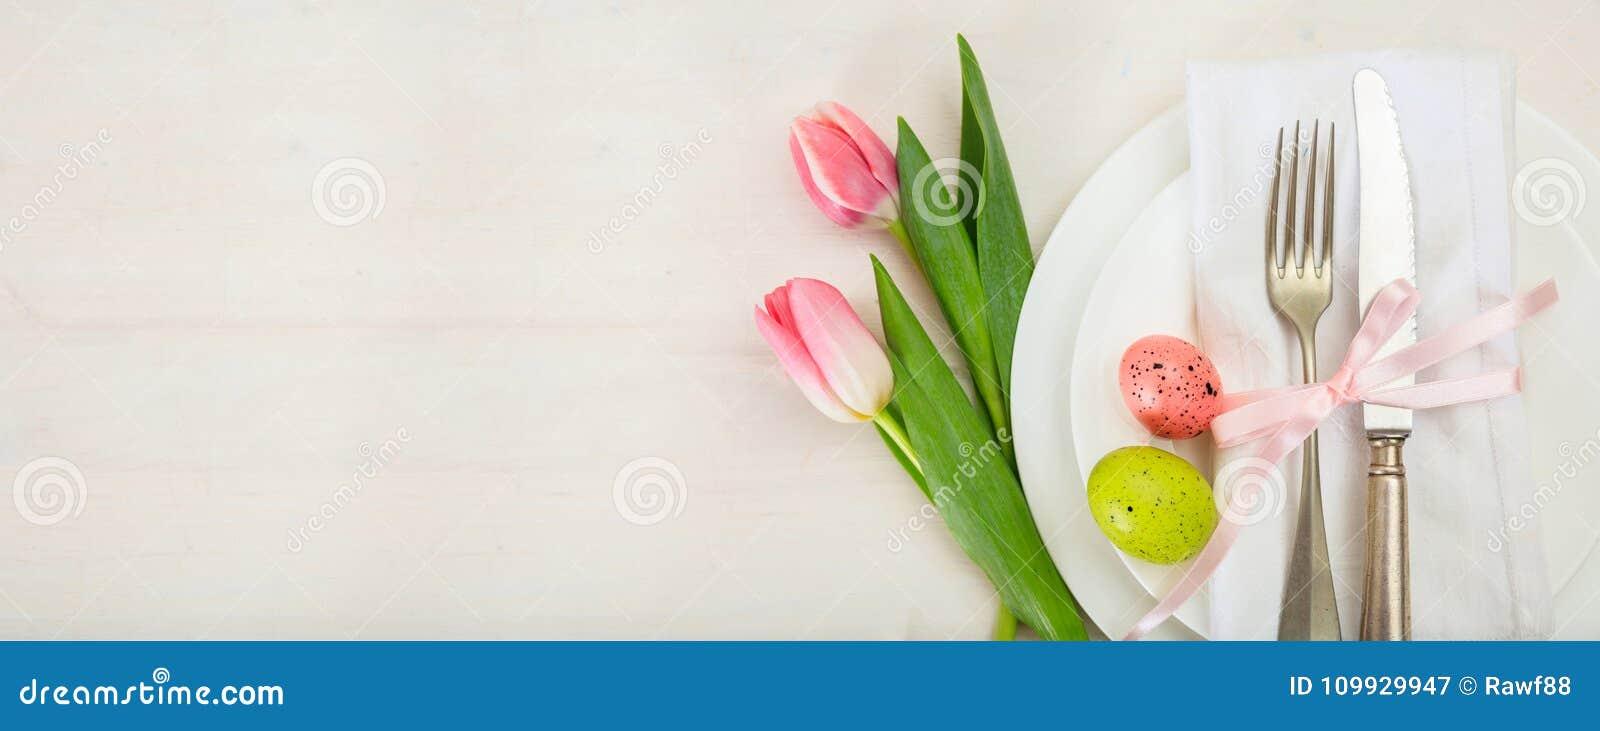 Wielkanocy stołowy położenie z różowymi tulipanami na białym drewnianym tle Odgórny widok, kopii przestrzeń, sztandar